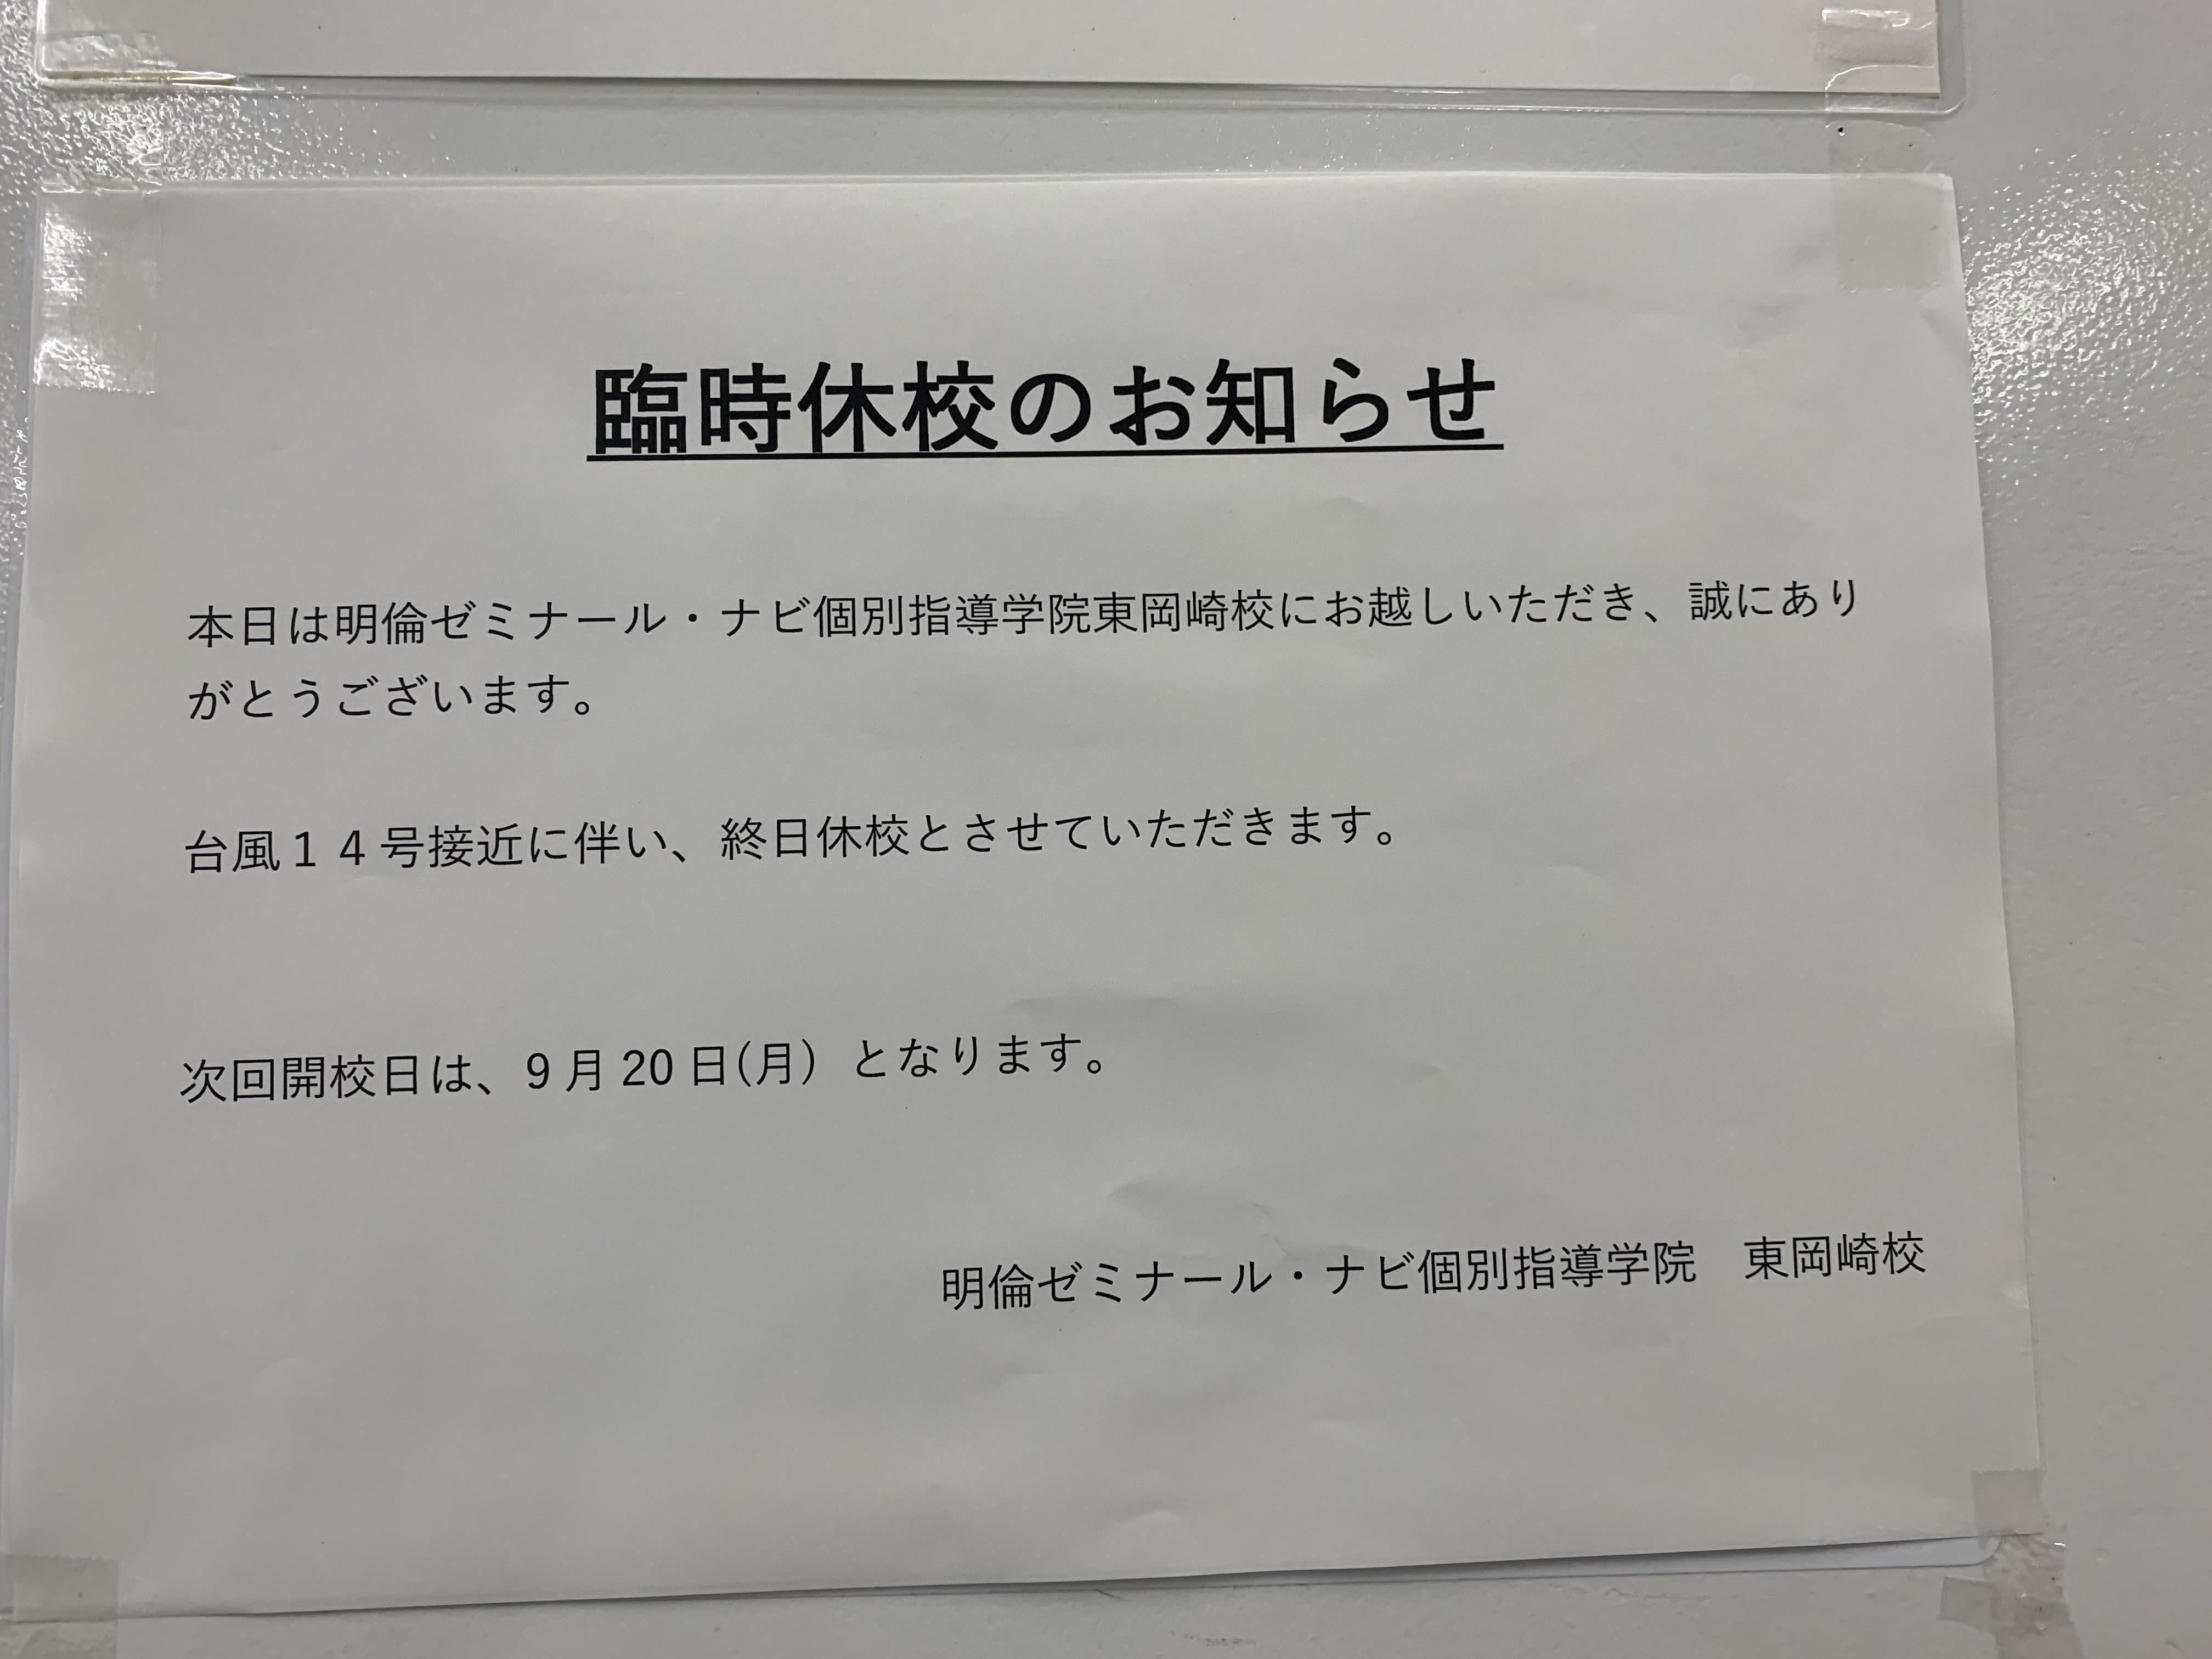 台風14号接近による休校